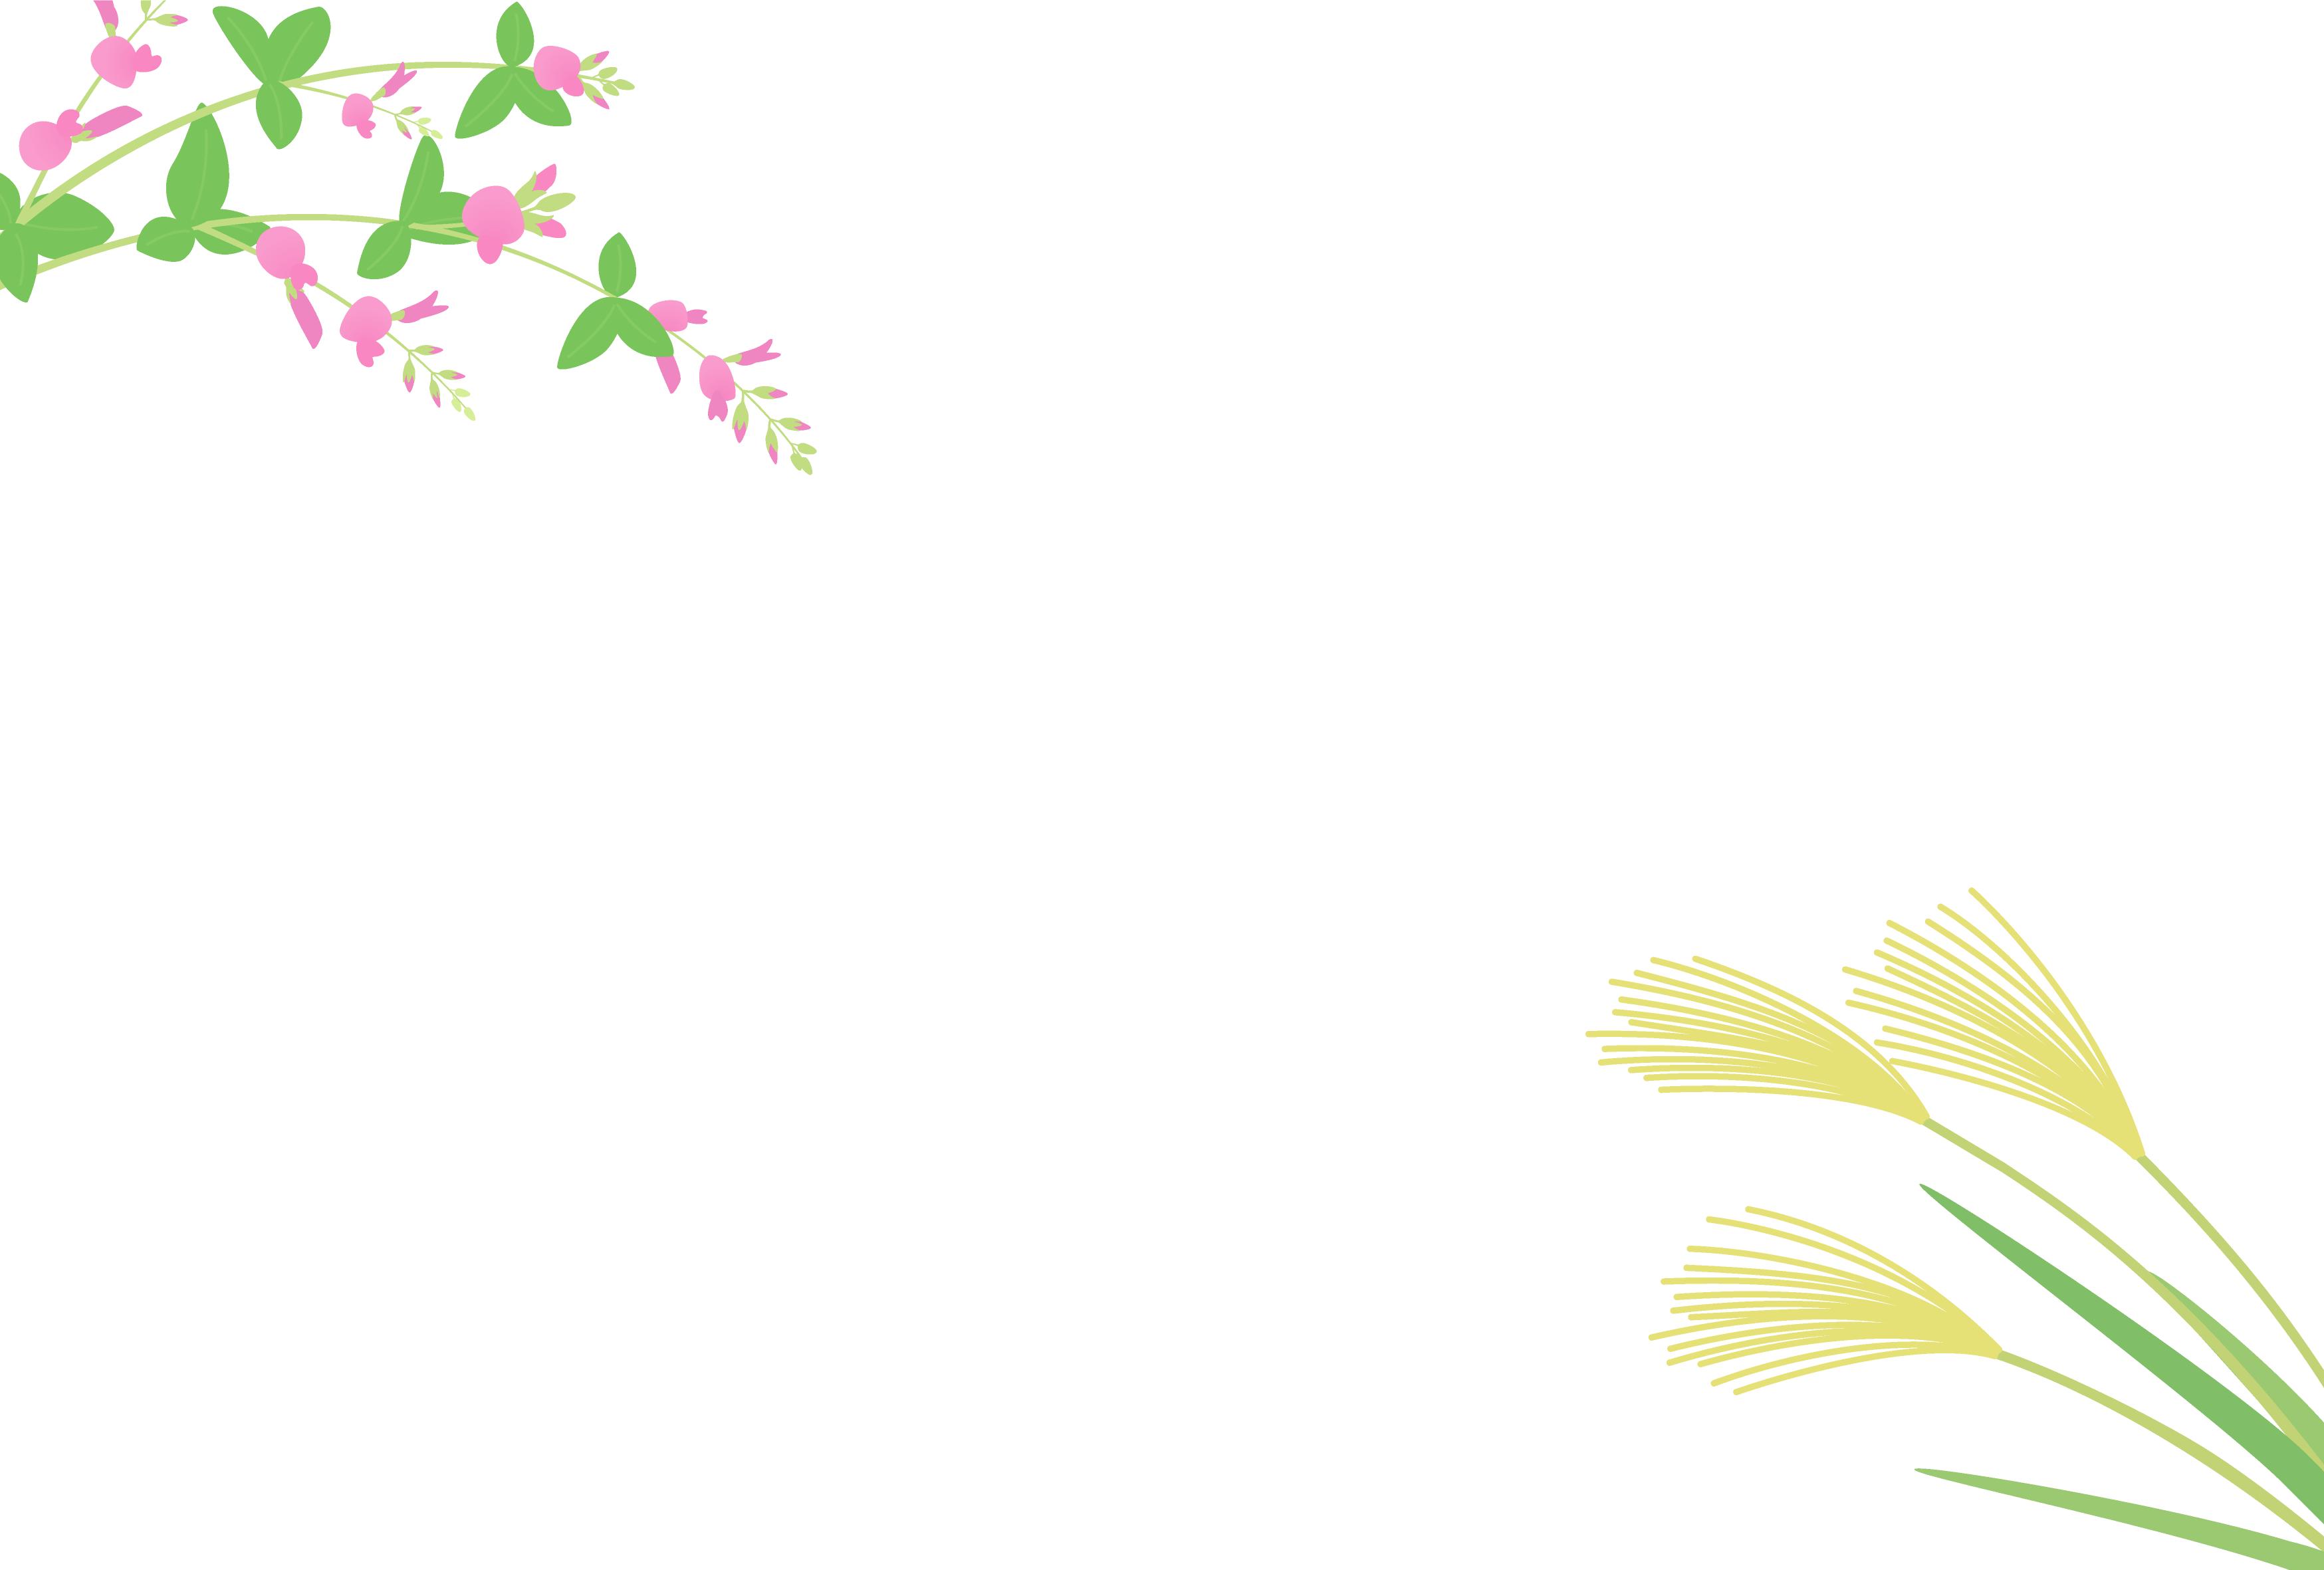 季節はがきのテンプレート(横書き用の萩とすすき)